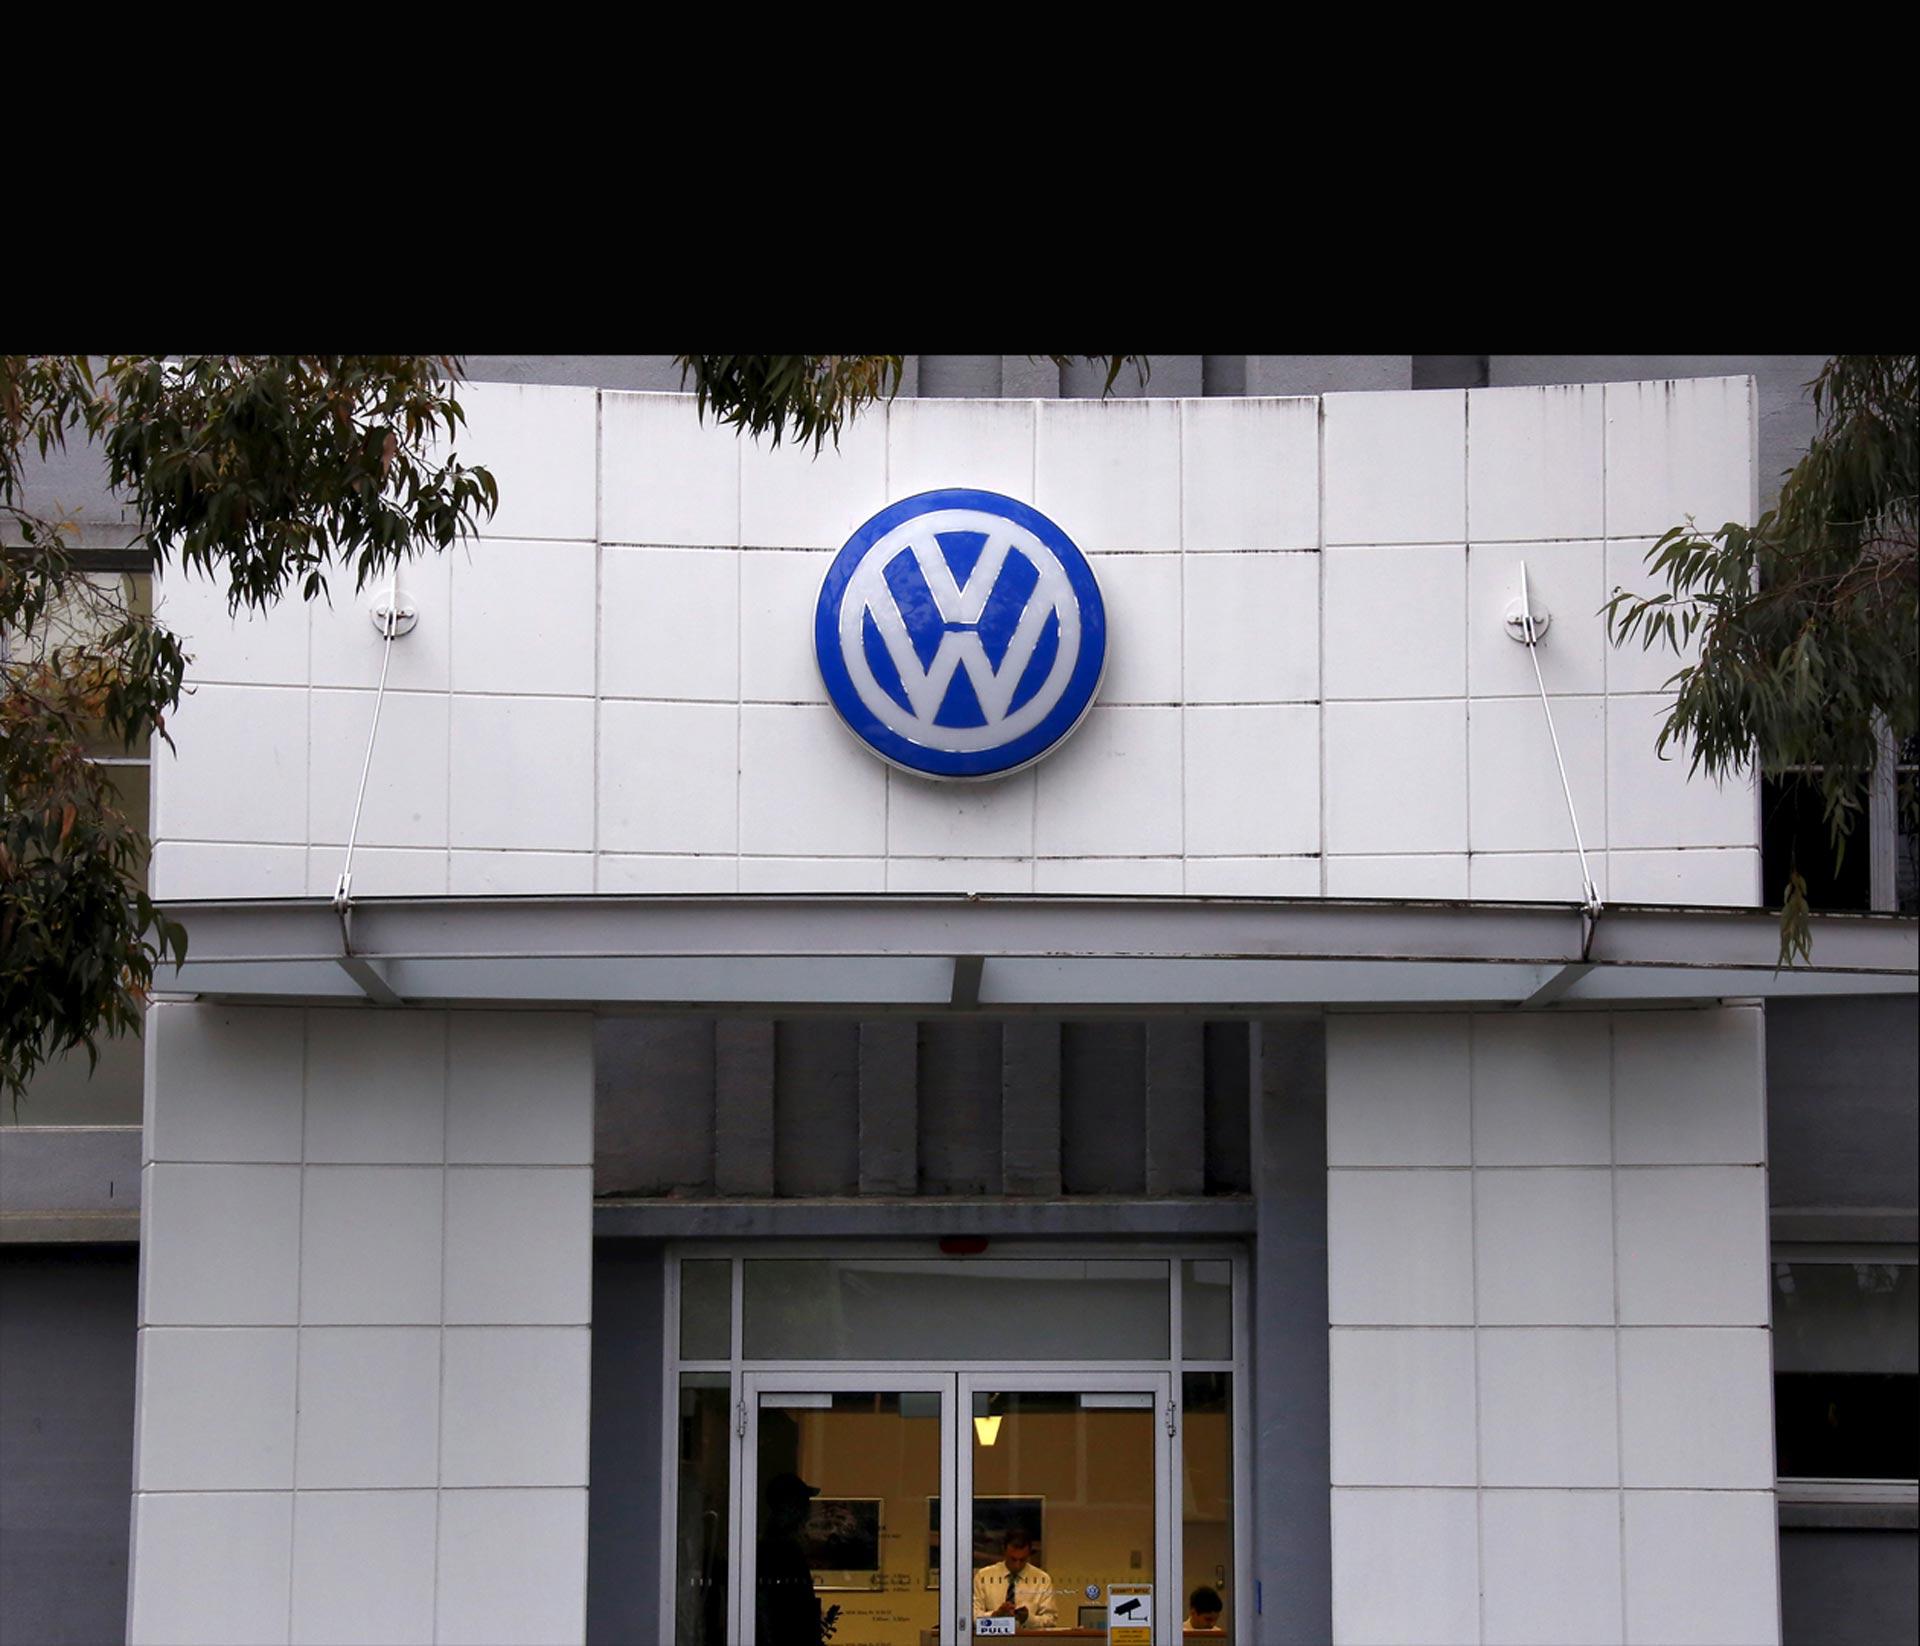 Se han llevado a cabo inspecciones en Wolfsburgo y otros lugares, denuncias presentadas contra el fabricante europeo